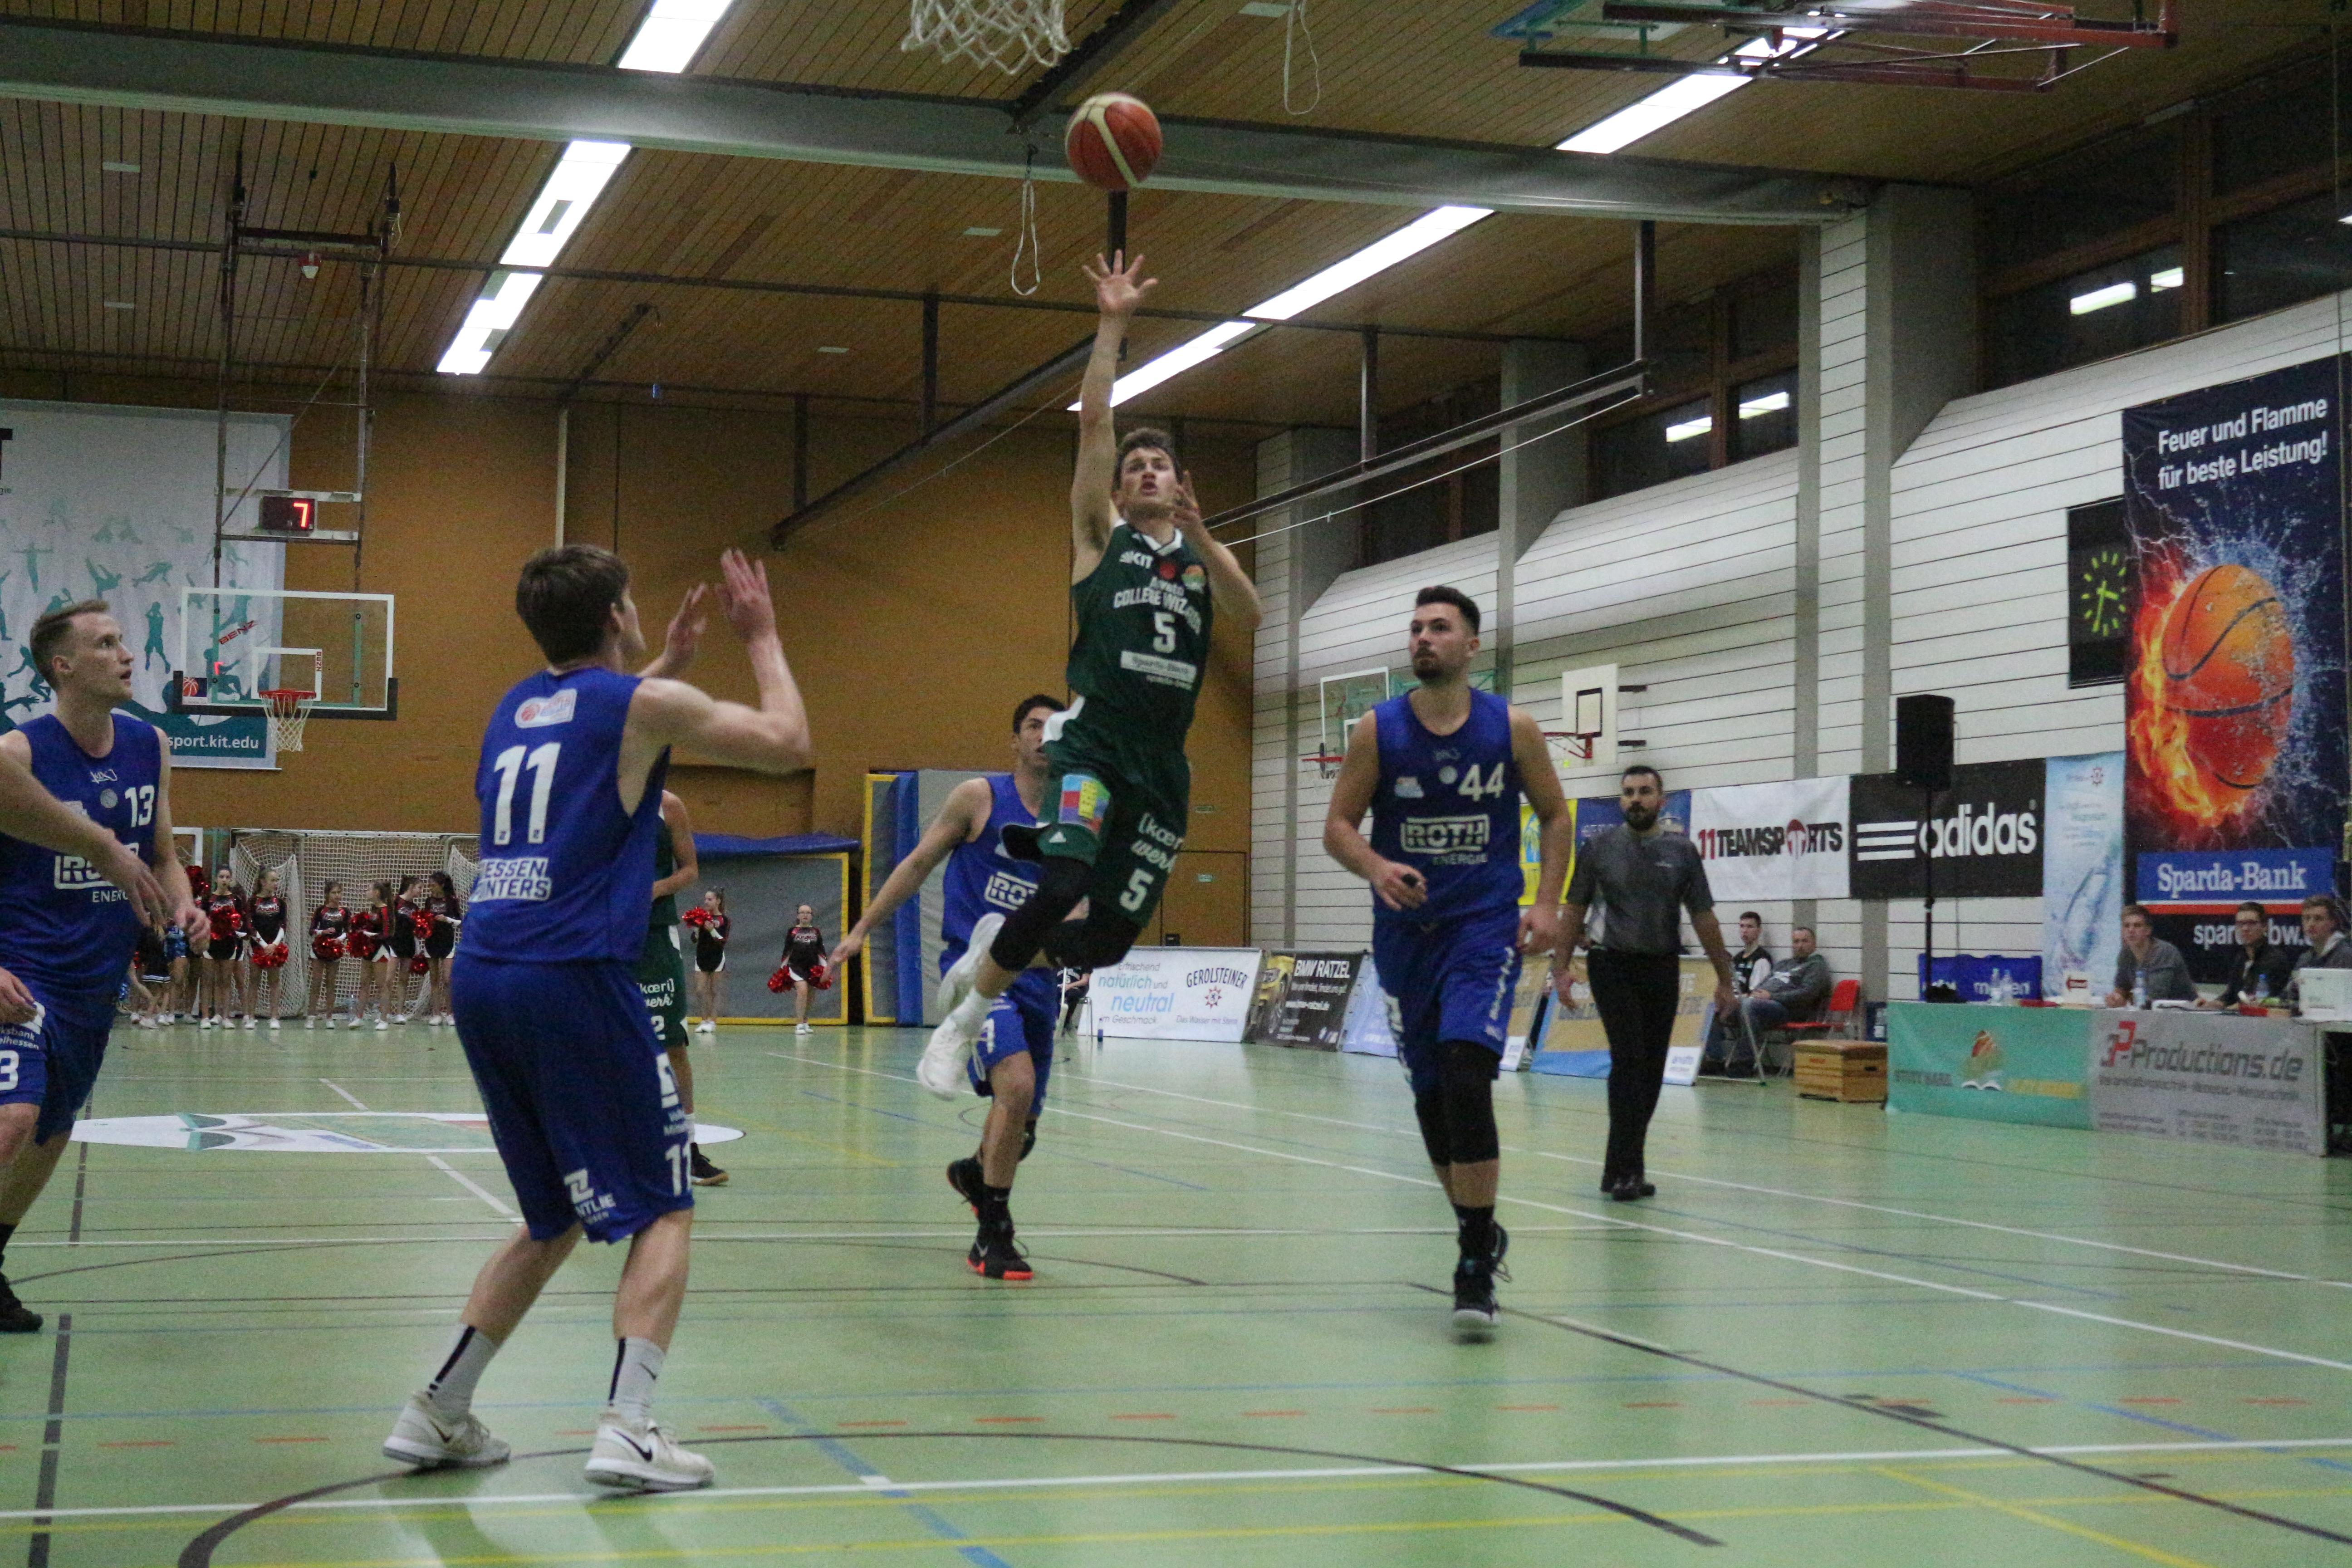 Basketballspieler im Spiel bei Korbwurf